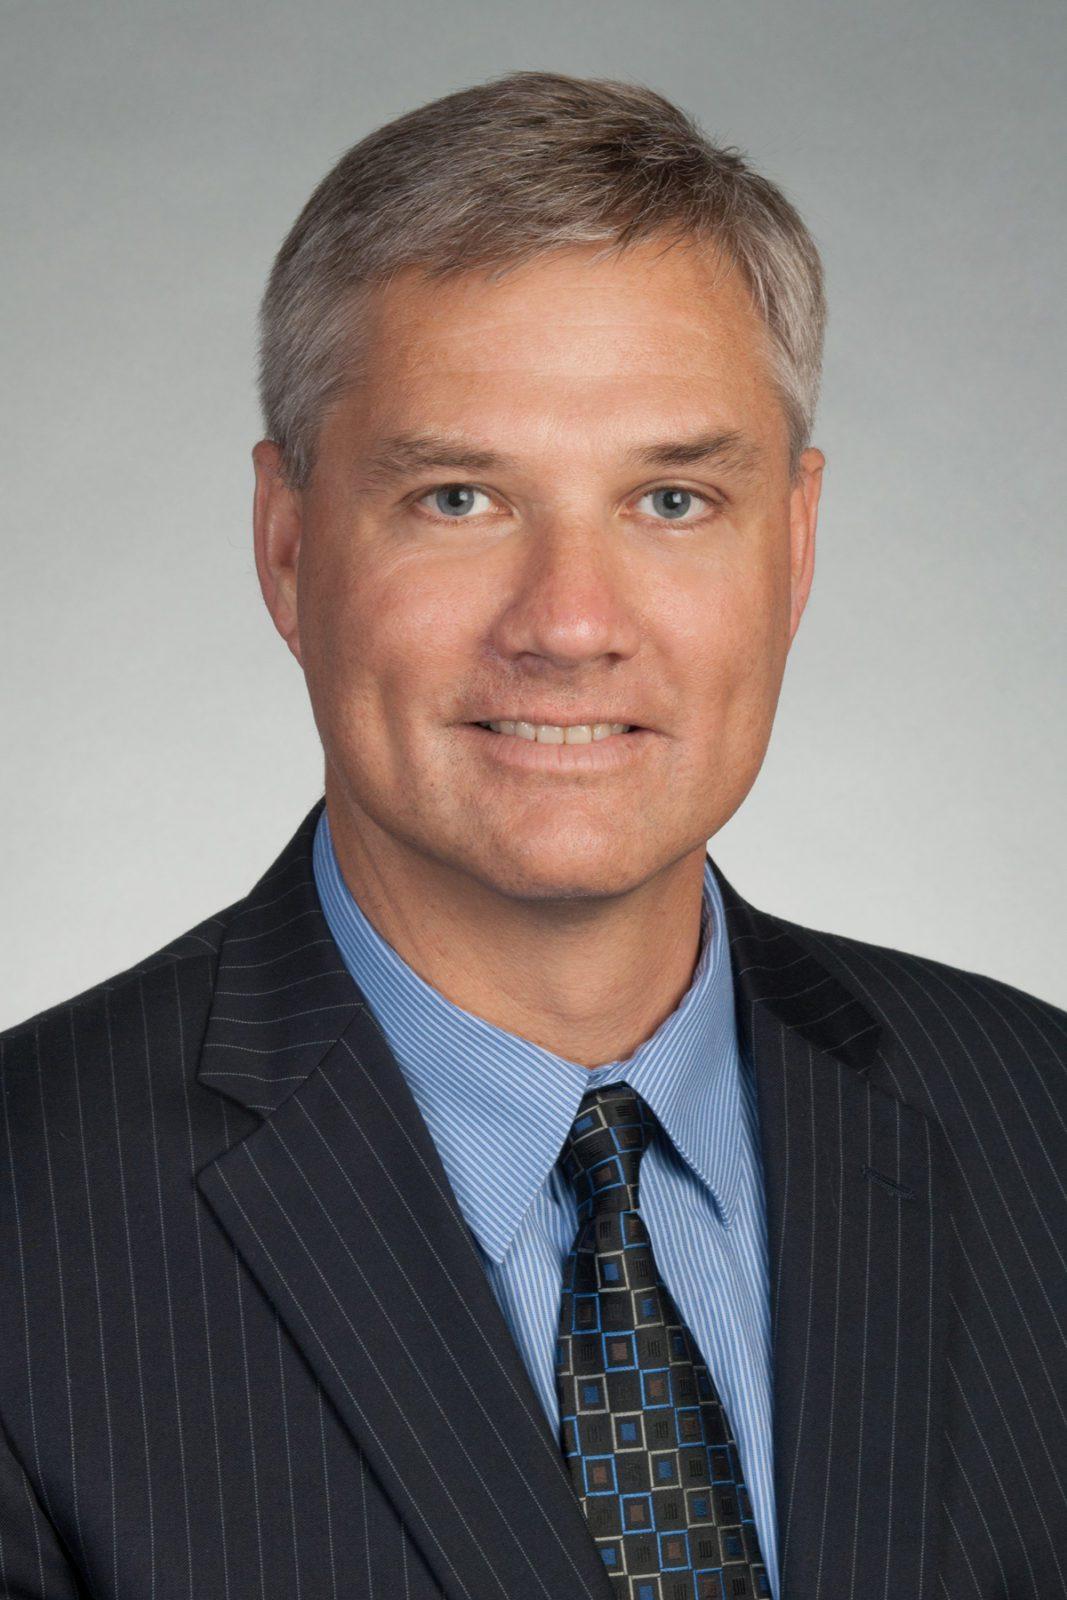 Dave Vennergrund, Salient